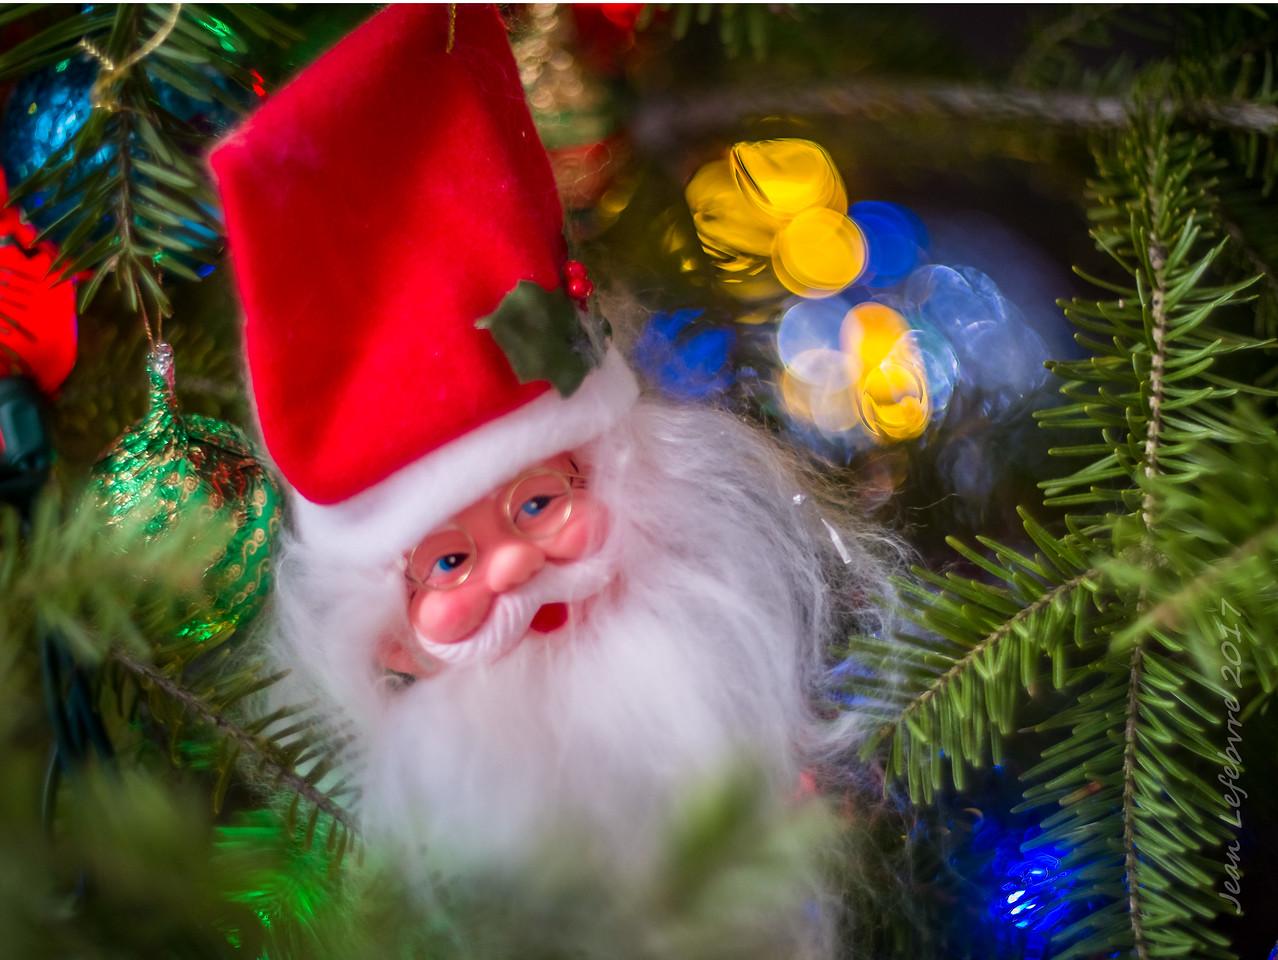 20171224-Christmas_Timmins-070of070-HDR